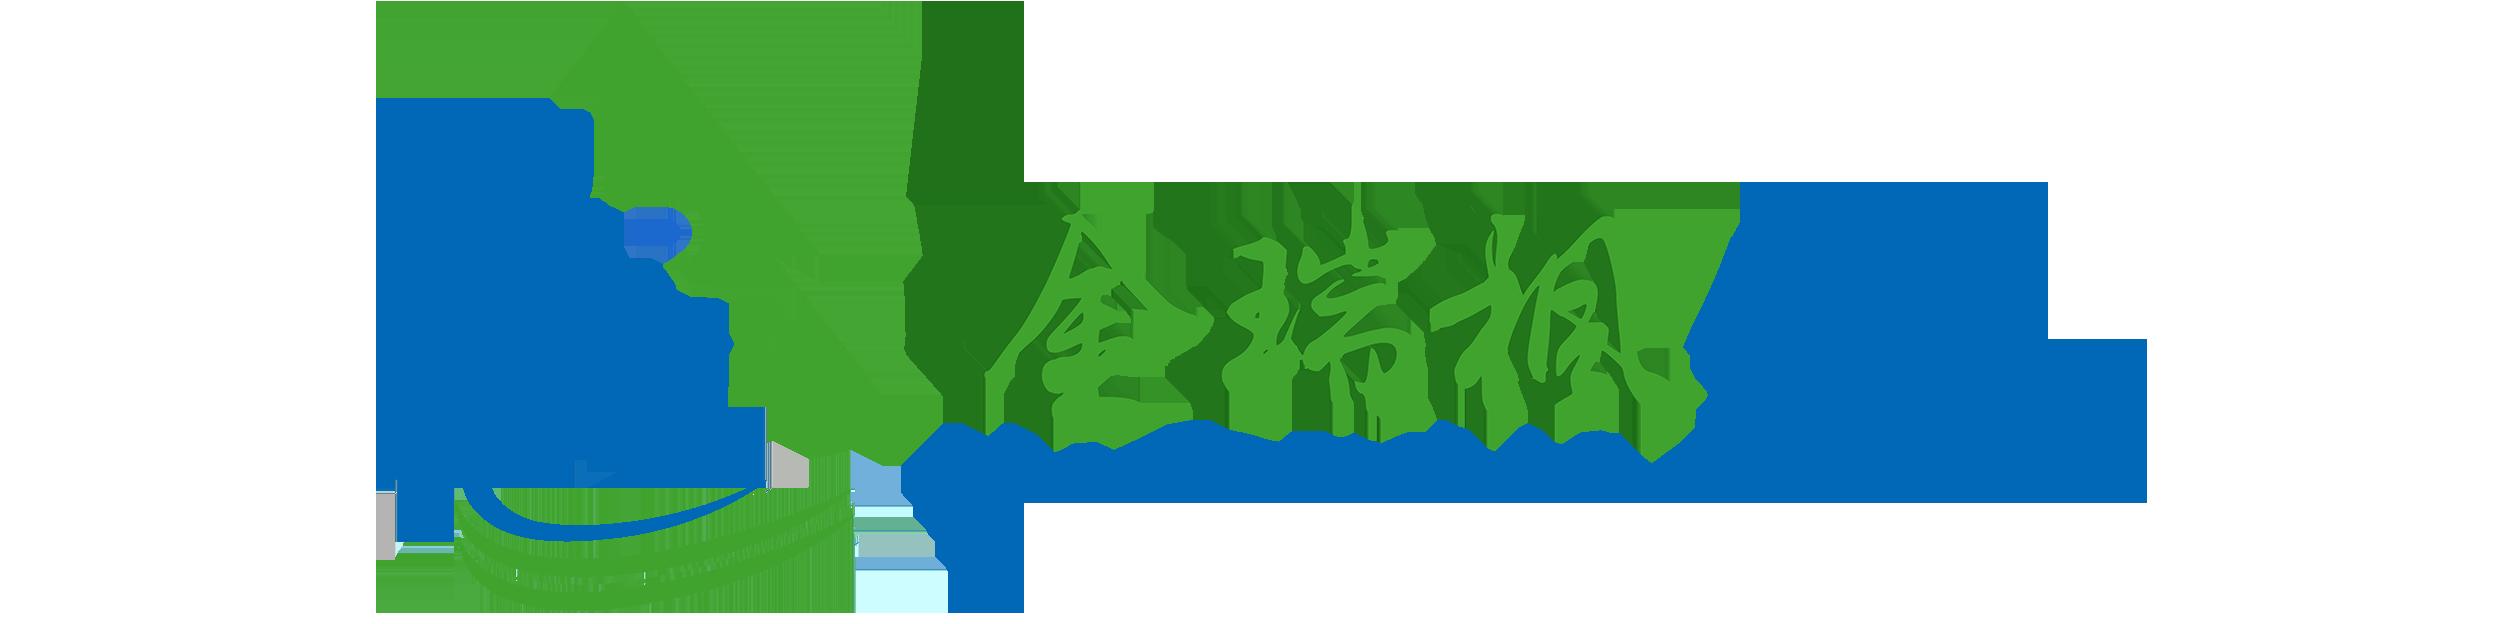 沈阳金瑞枫通风设备有限公司